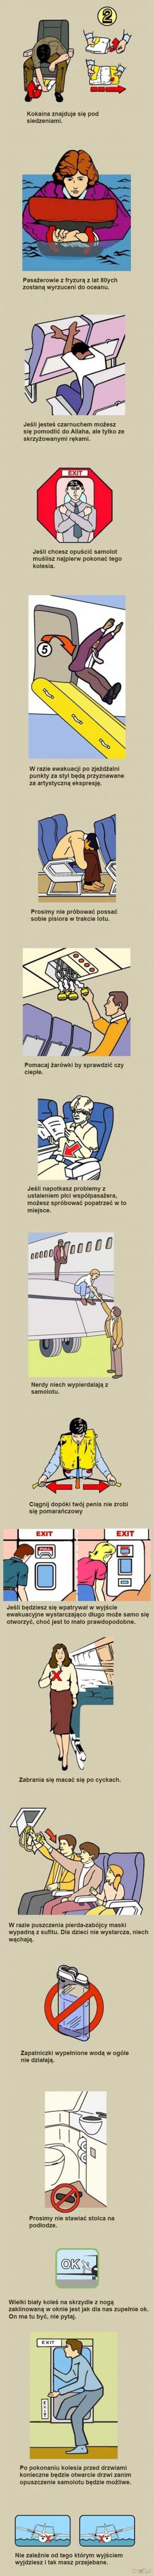 Instrukcja w samolocie